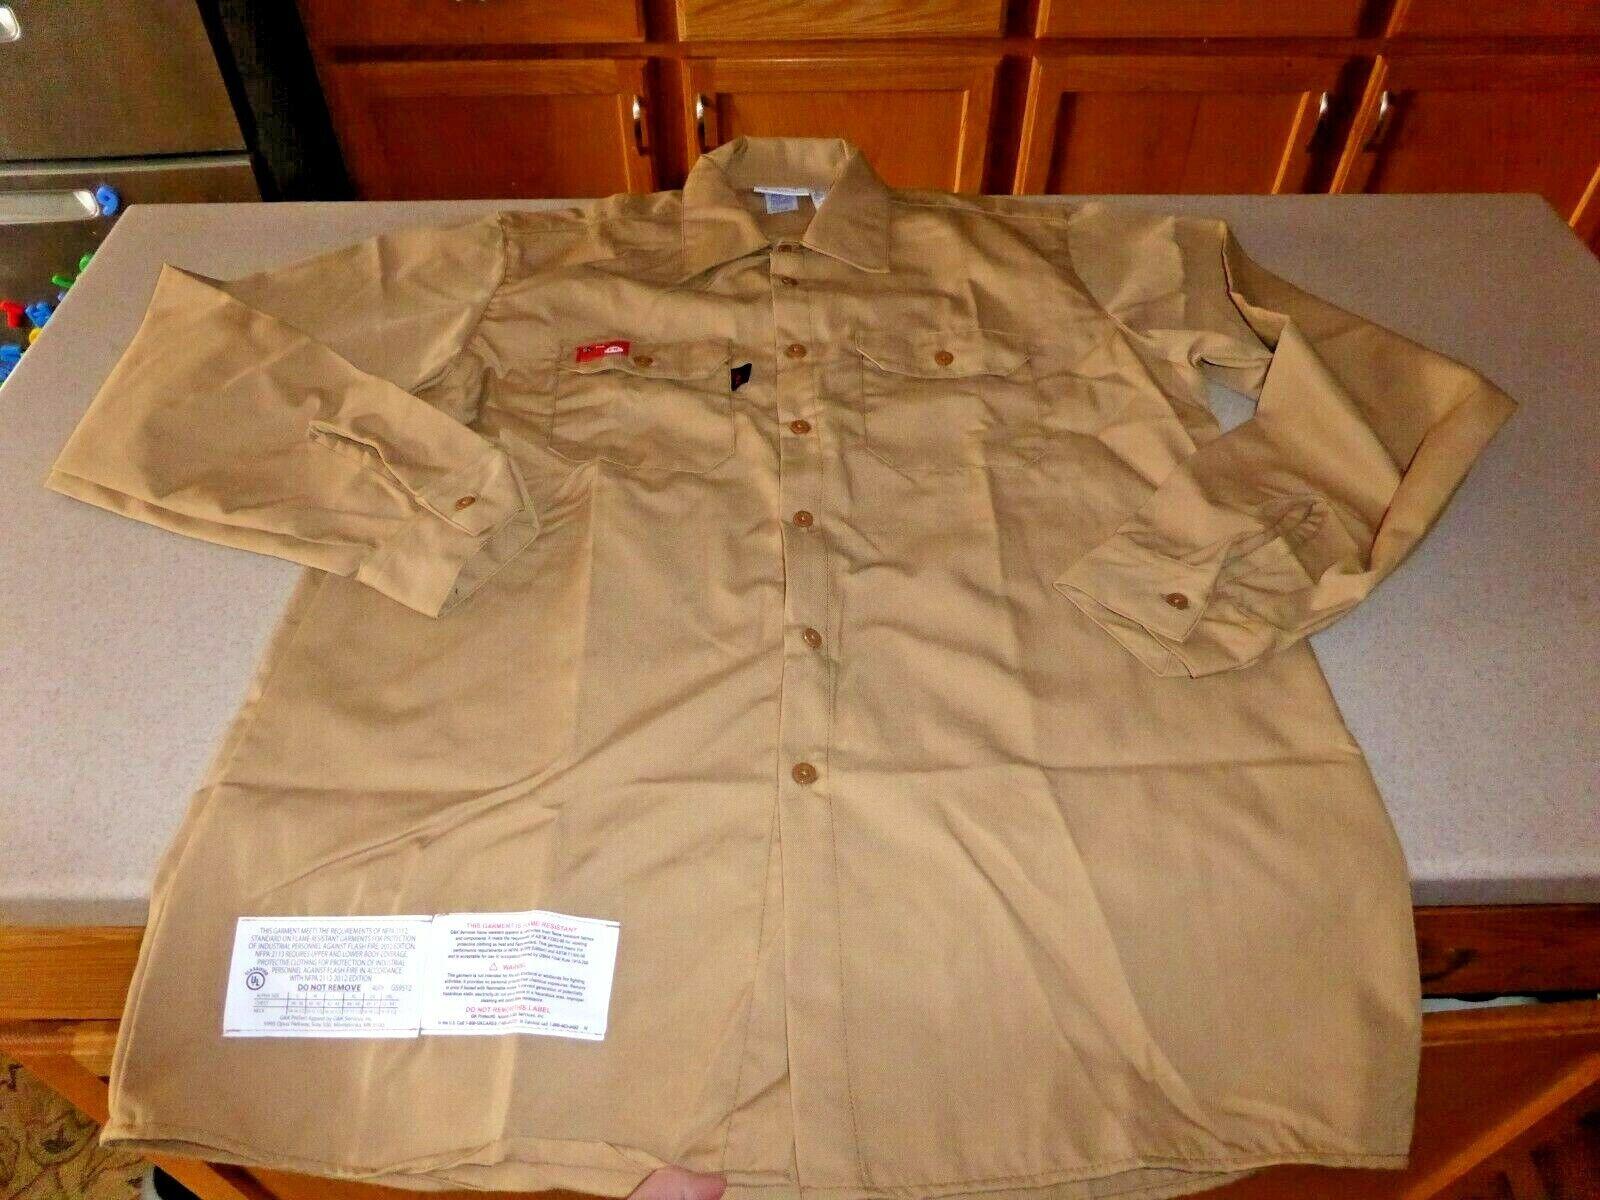 NWOT GK Services ARAMID Flame Resistant Predect Shirt GlenGuard FR NFPA 2112 L